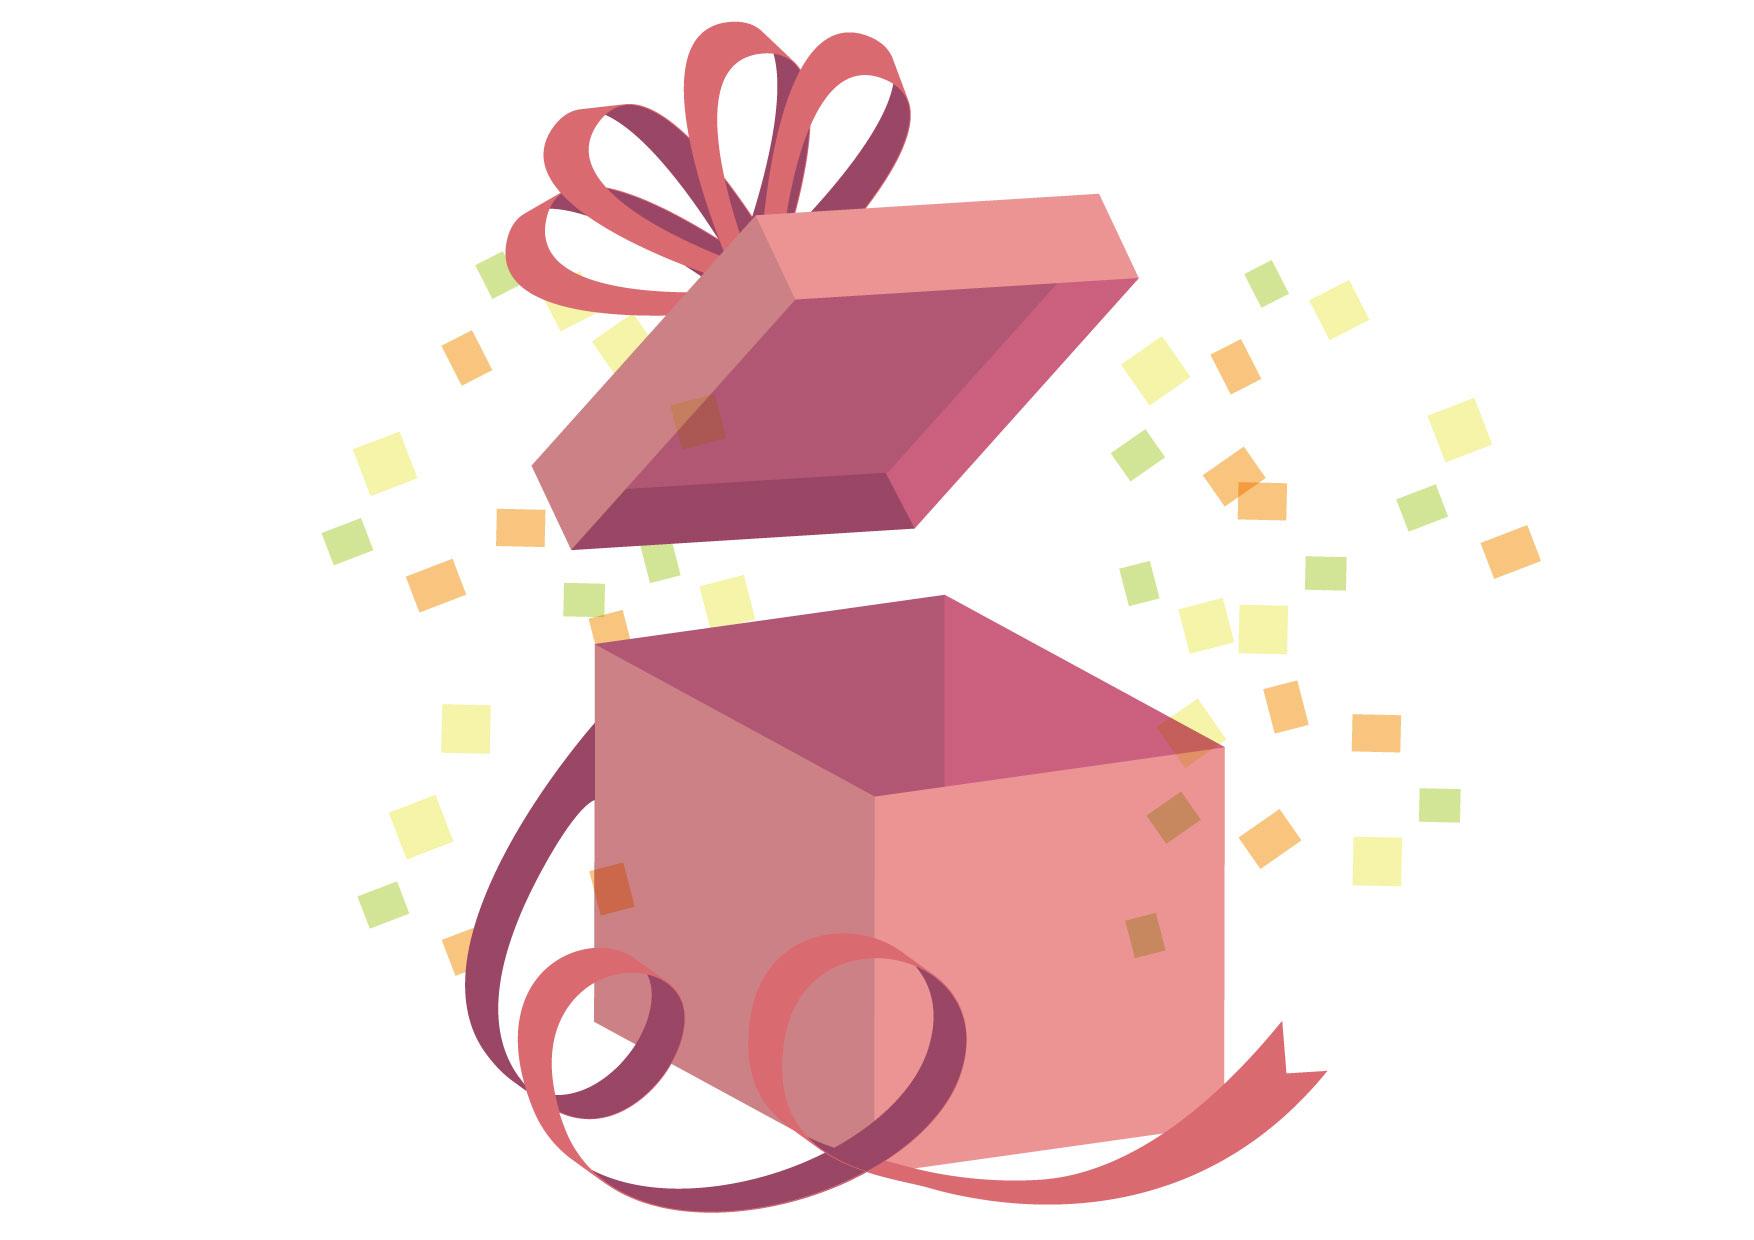 サプライズ プレゼント ピンク リボン イラスト 無料 | イラストダウンロード